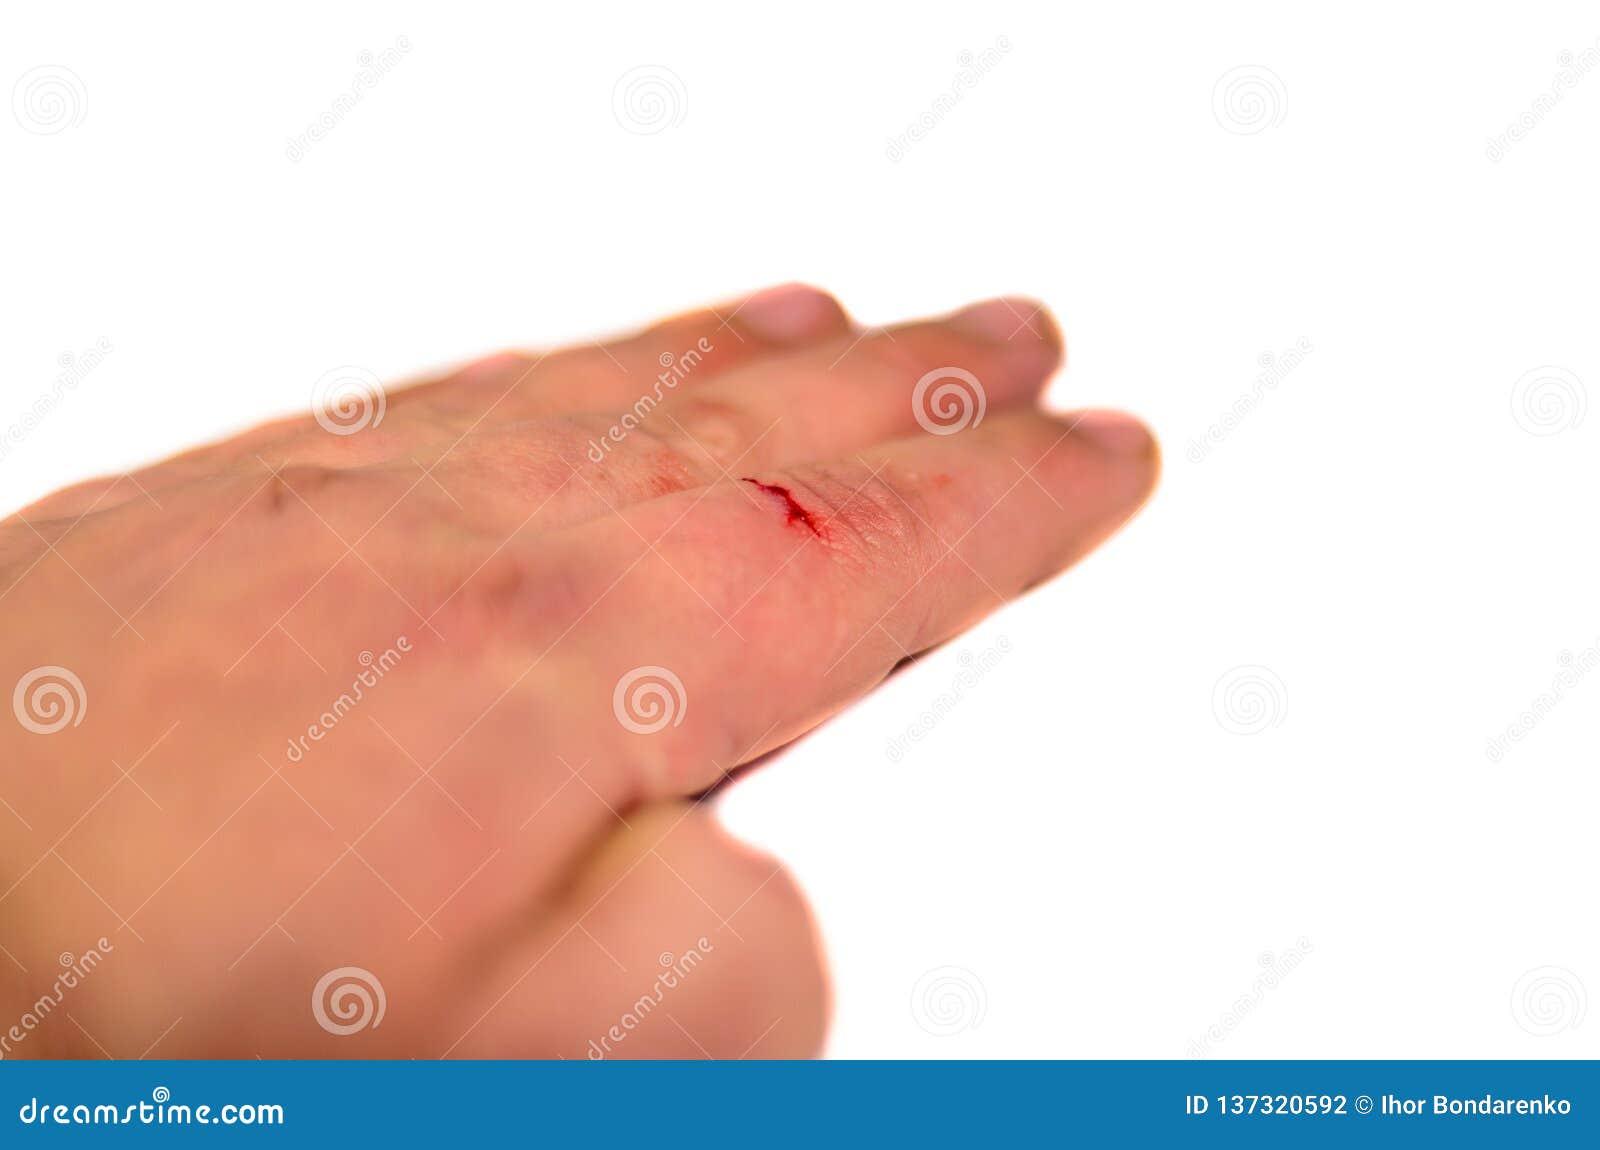 Мужская рука при палец кровотечения изолированный на белой предпосылке